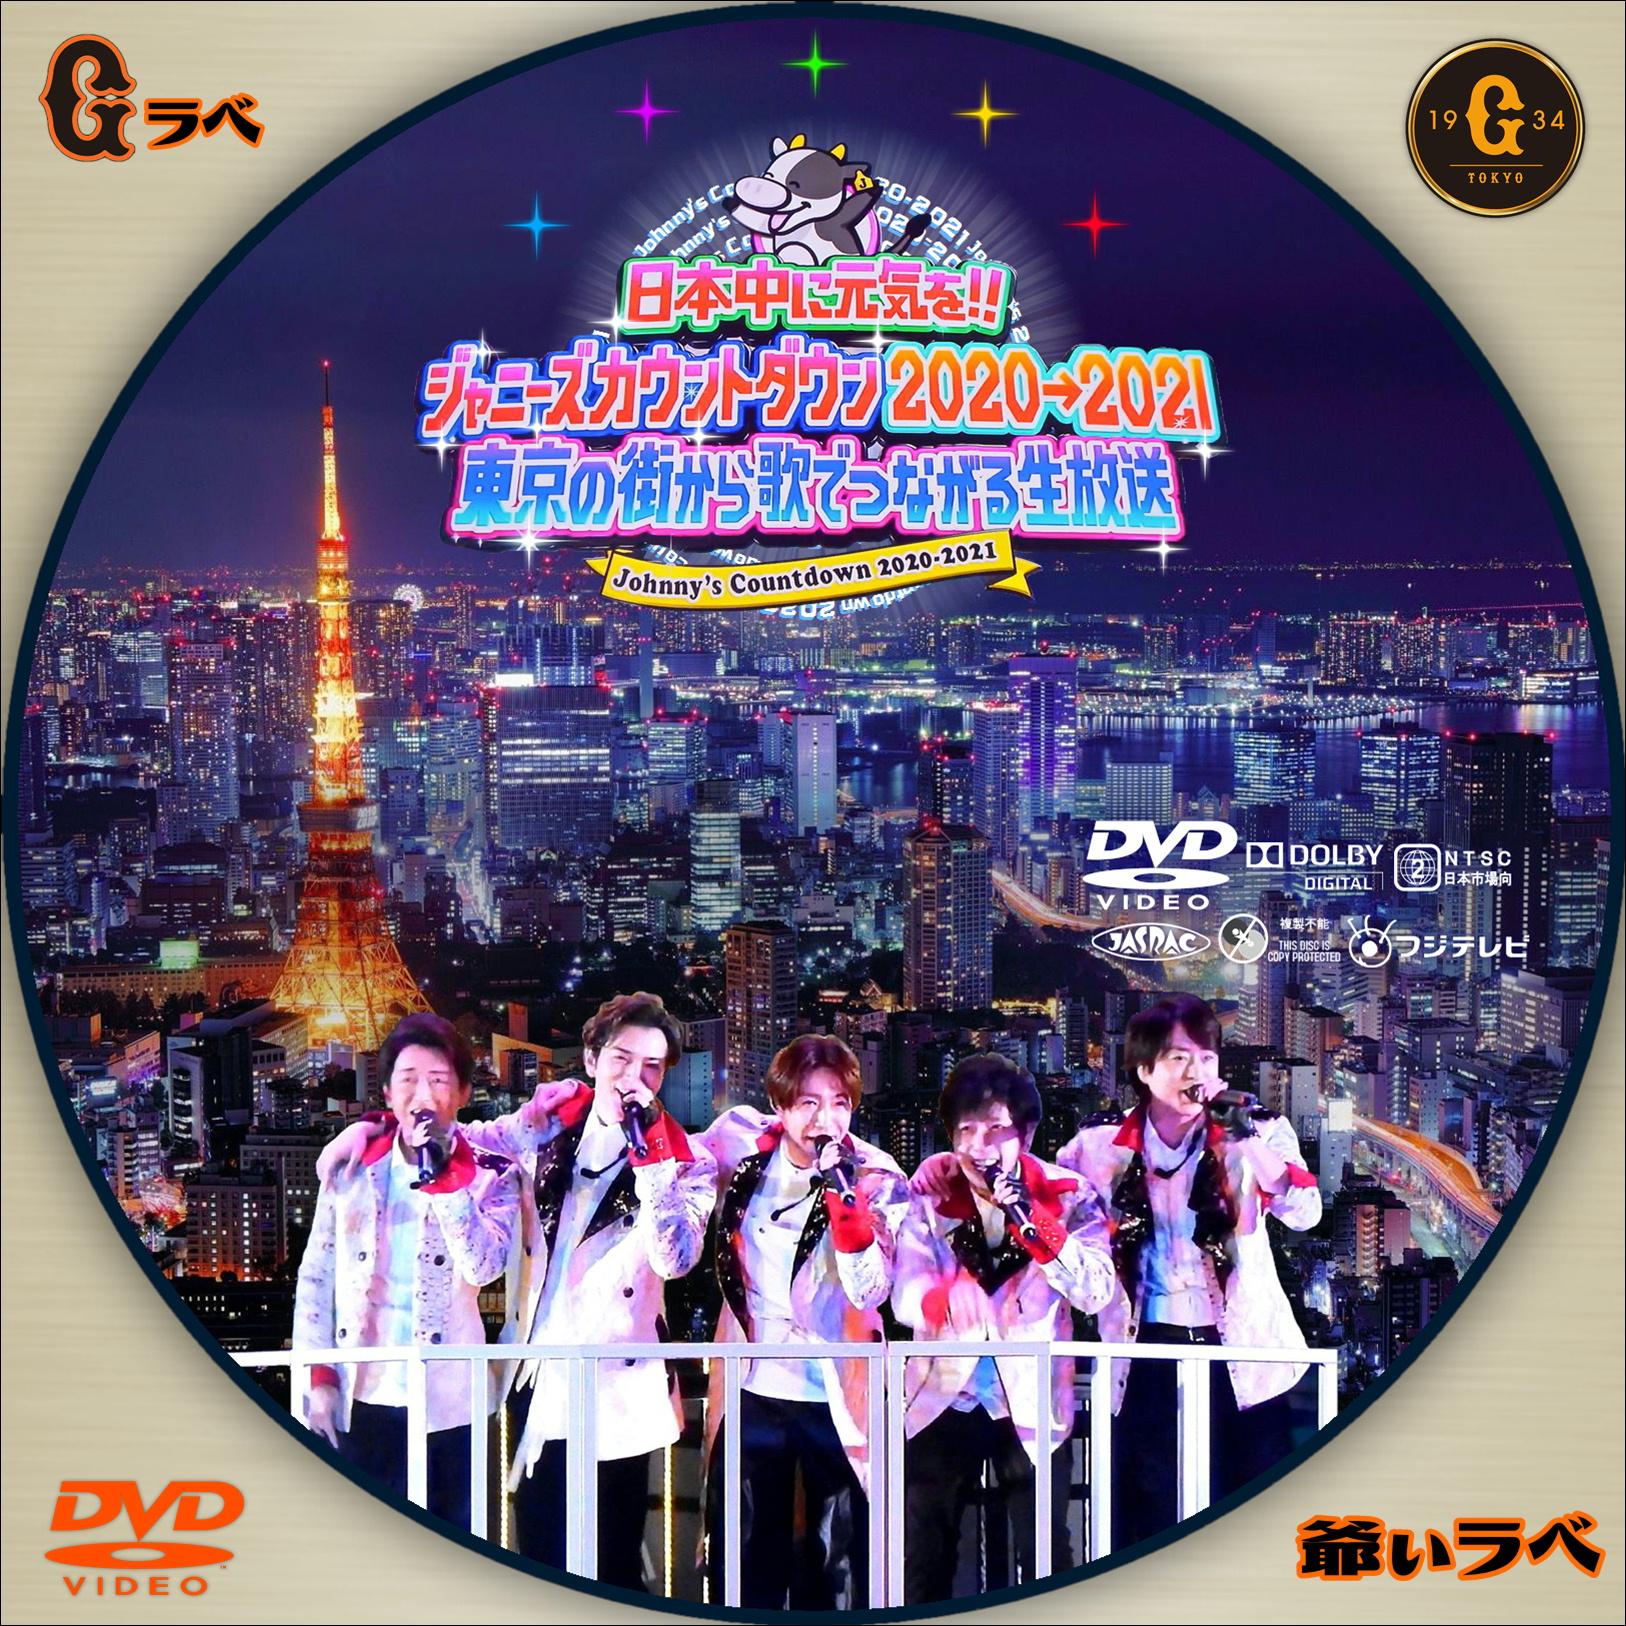 ジャニーズカウントダウン 2020-21(DVD)